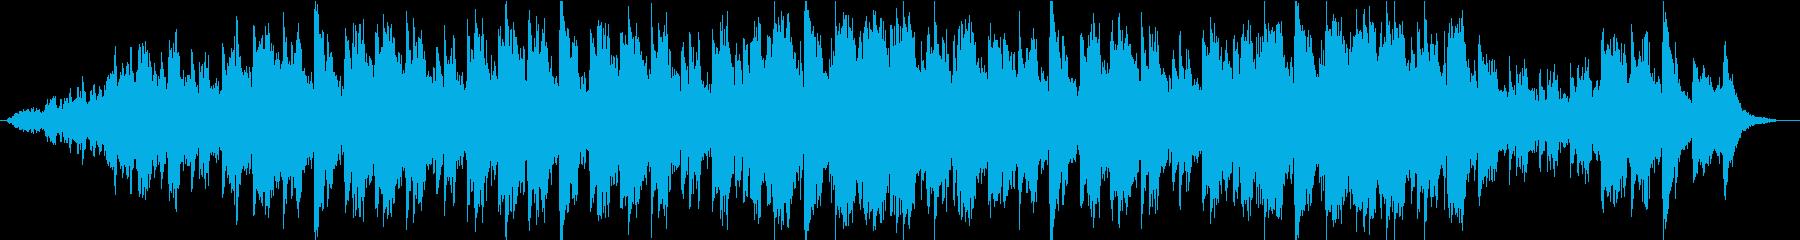 大地の自然を感じる雄大な曲の再生済みの波形